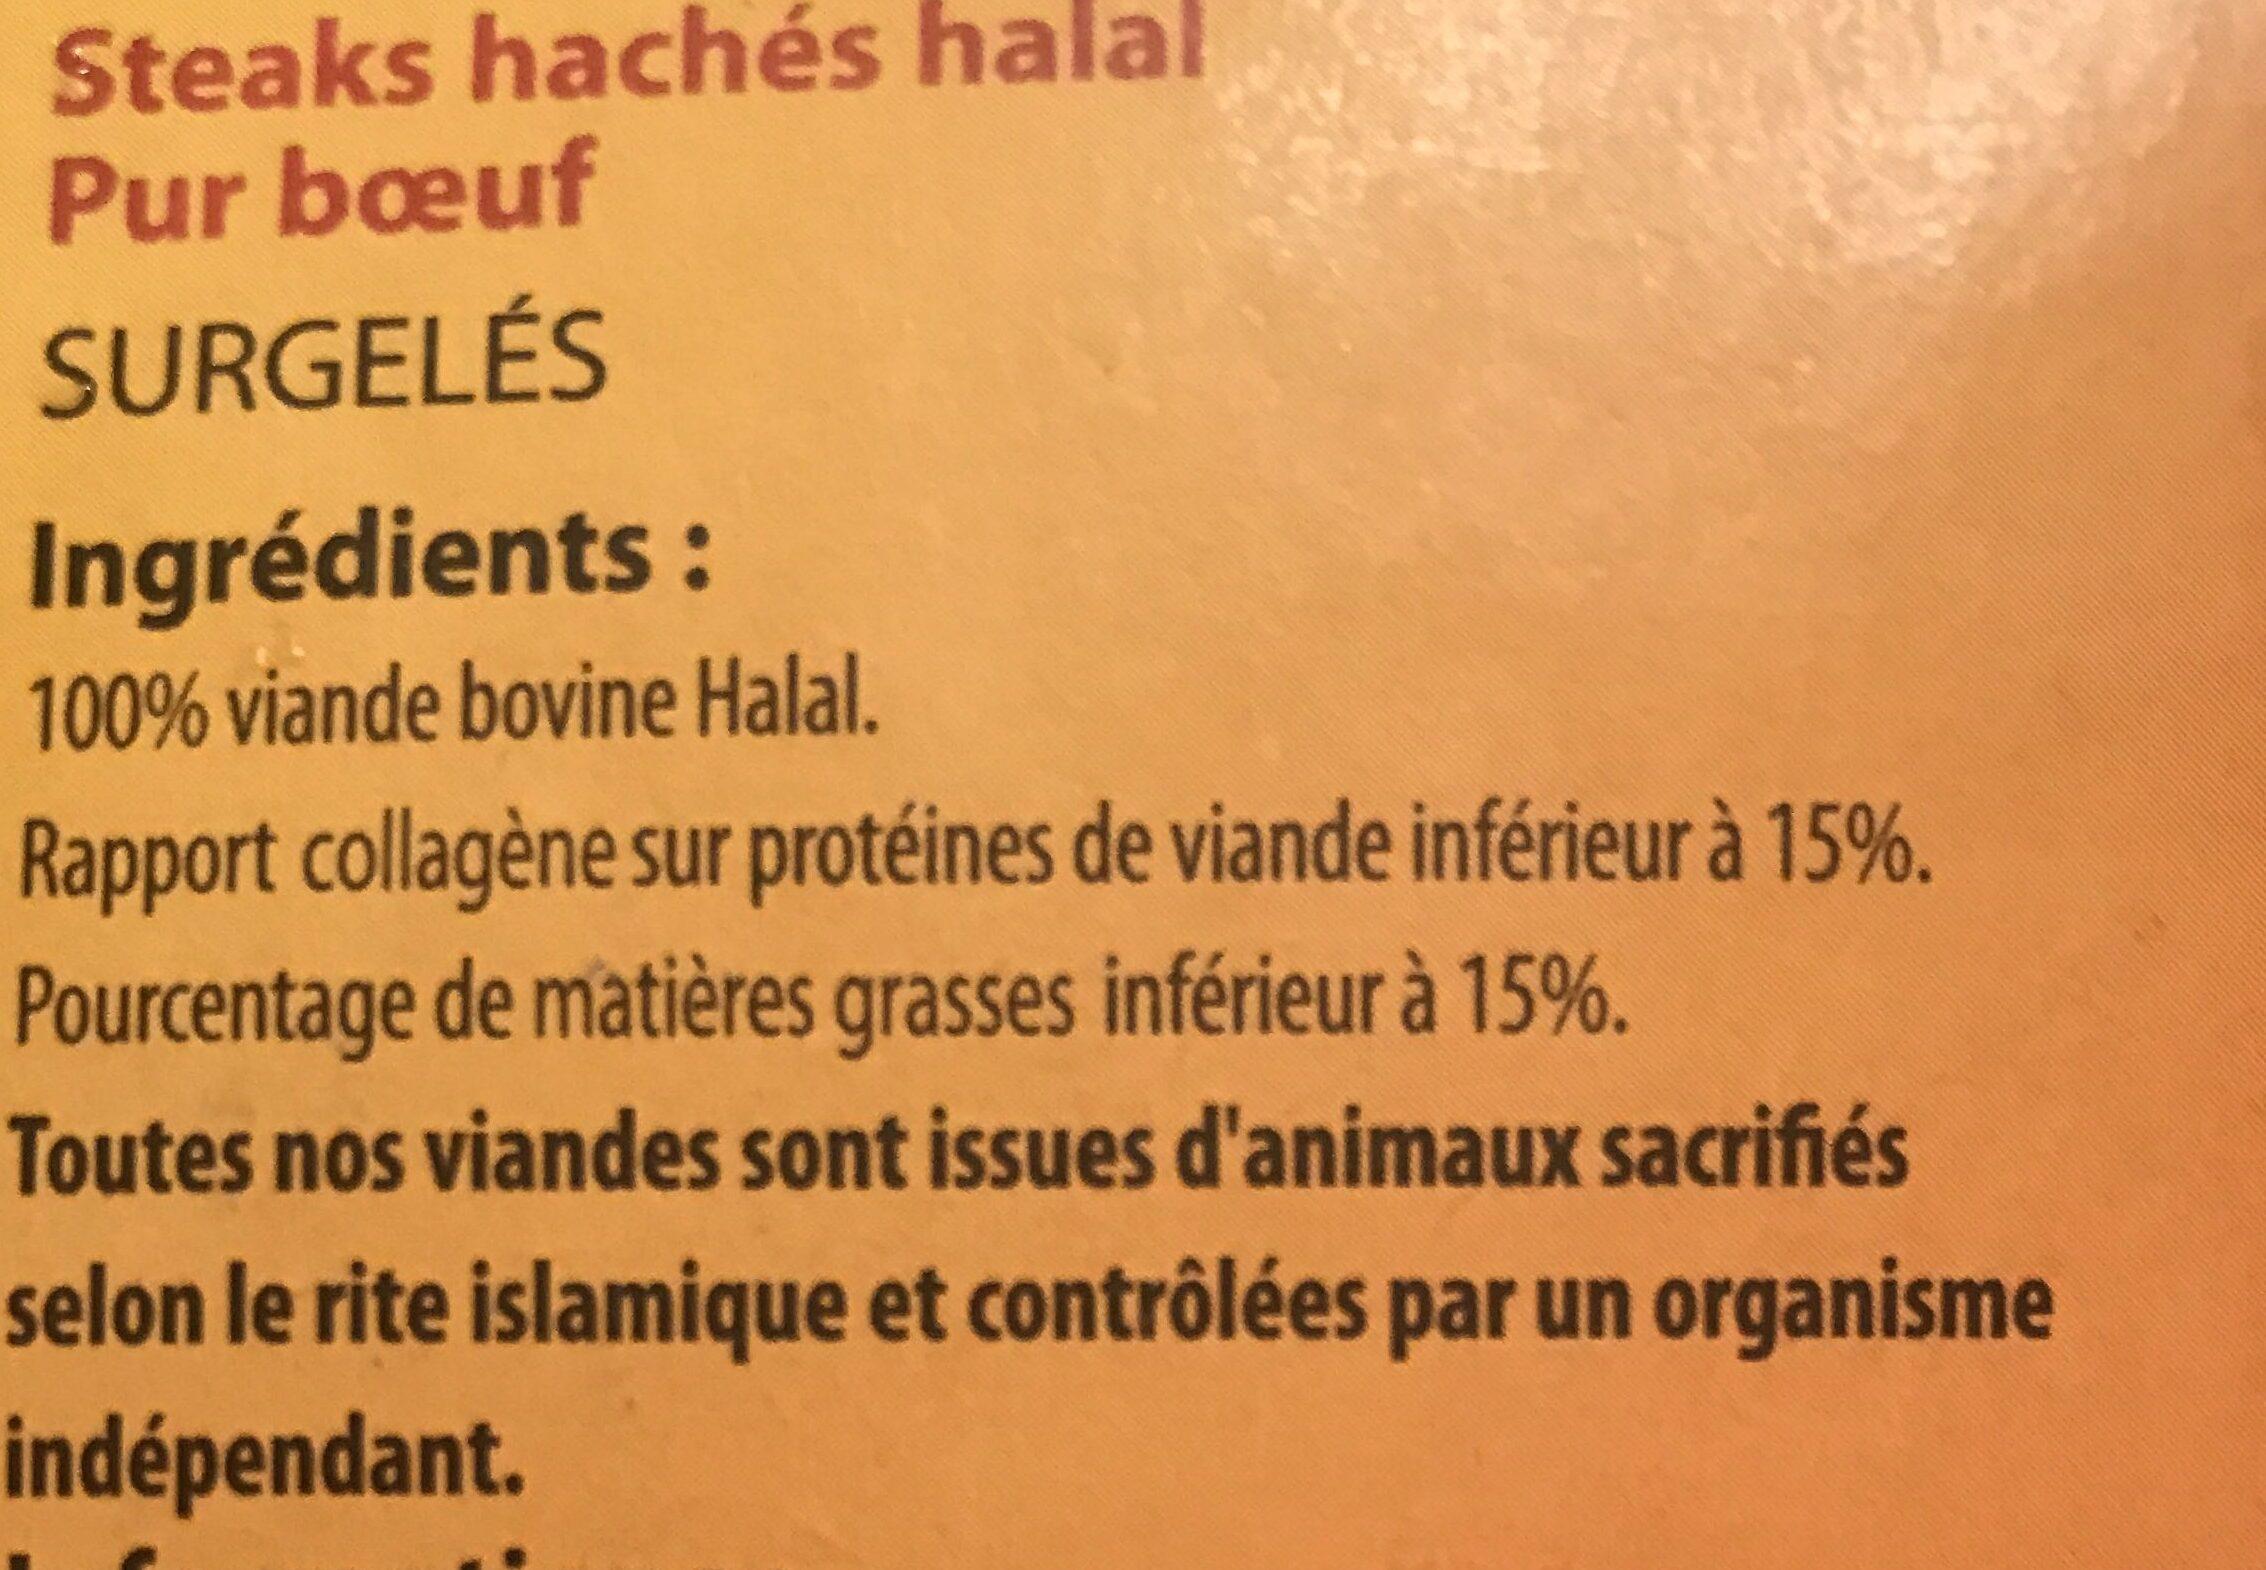 Steaks hachés pur bœuf halal - Ingrédients - fr